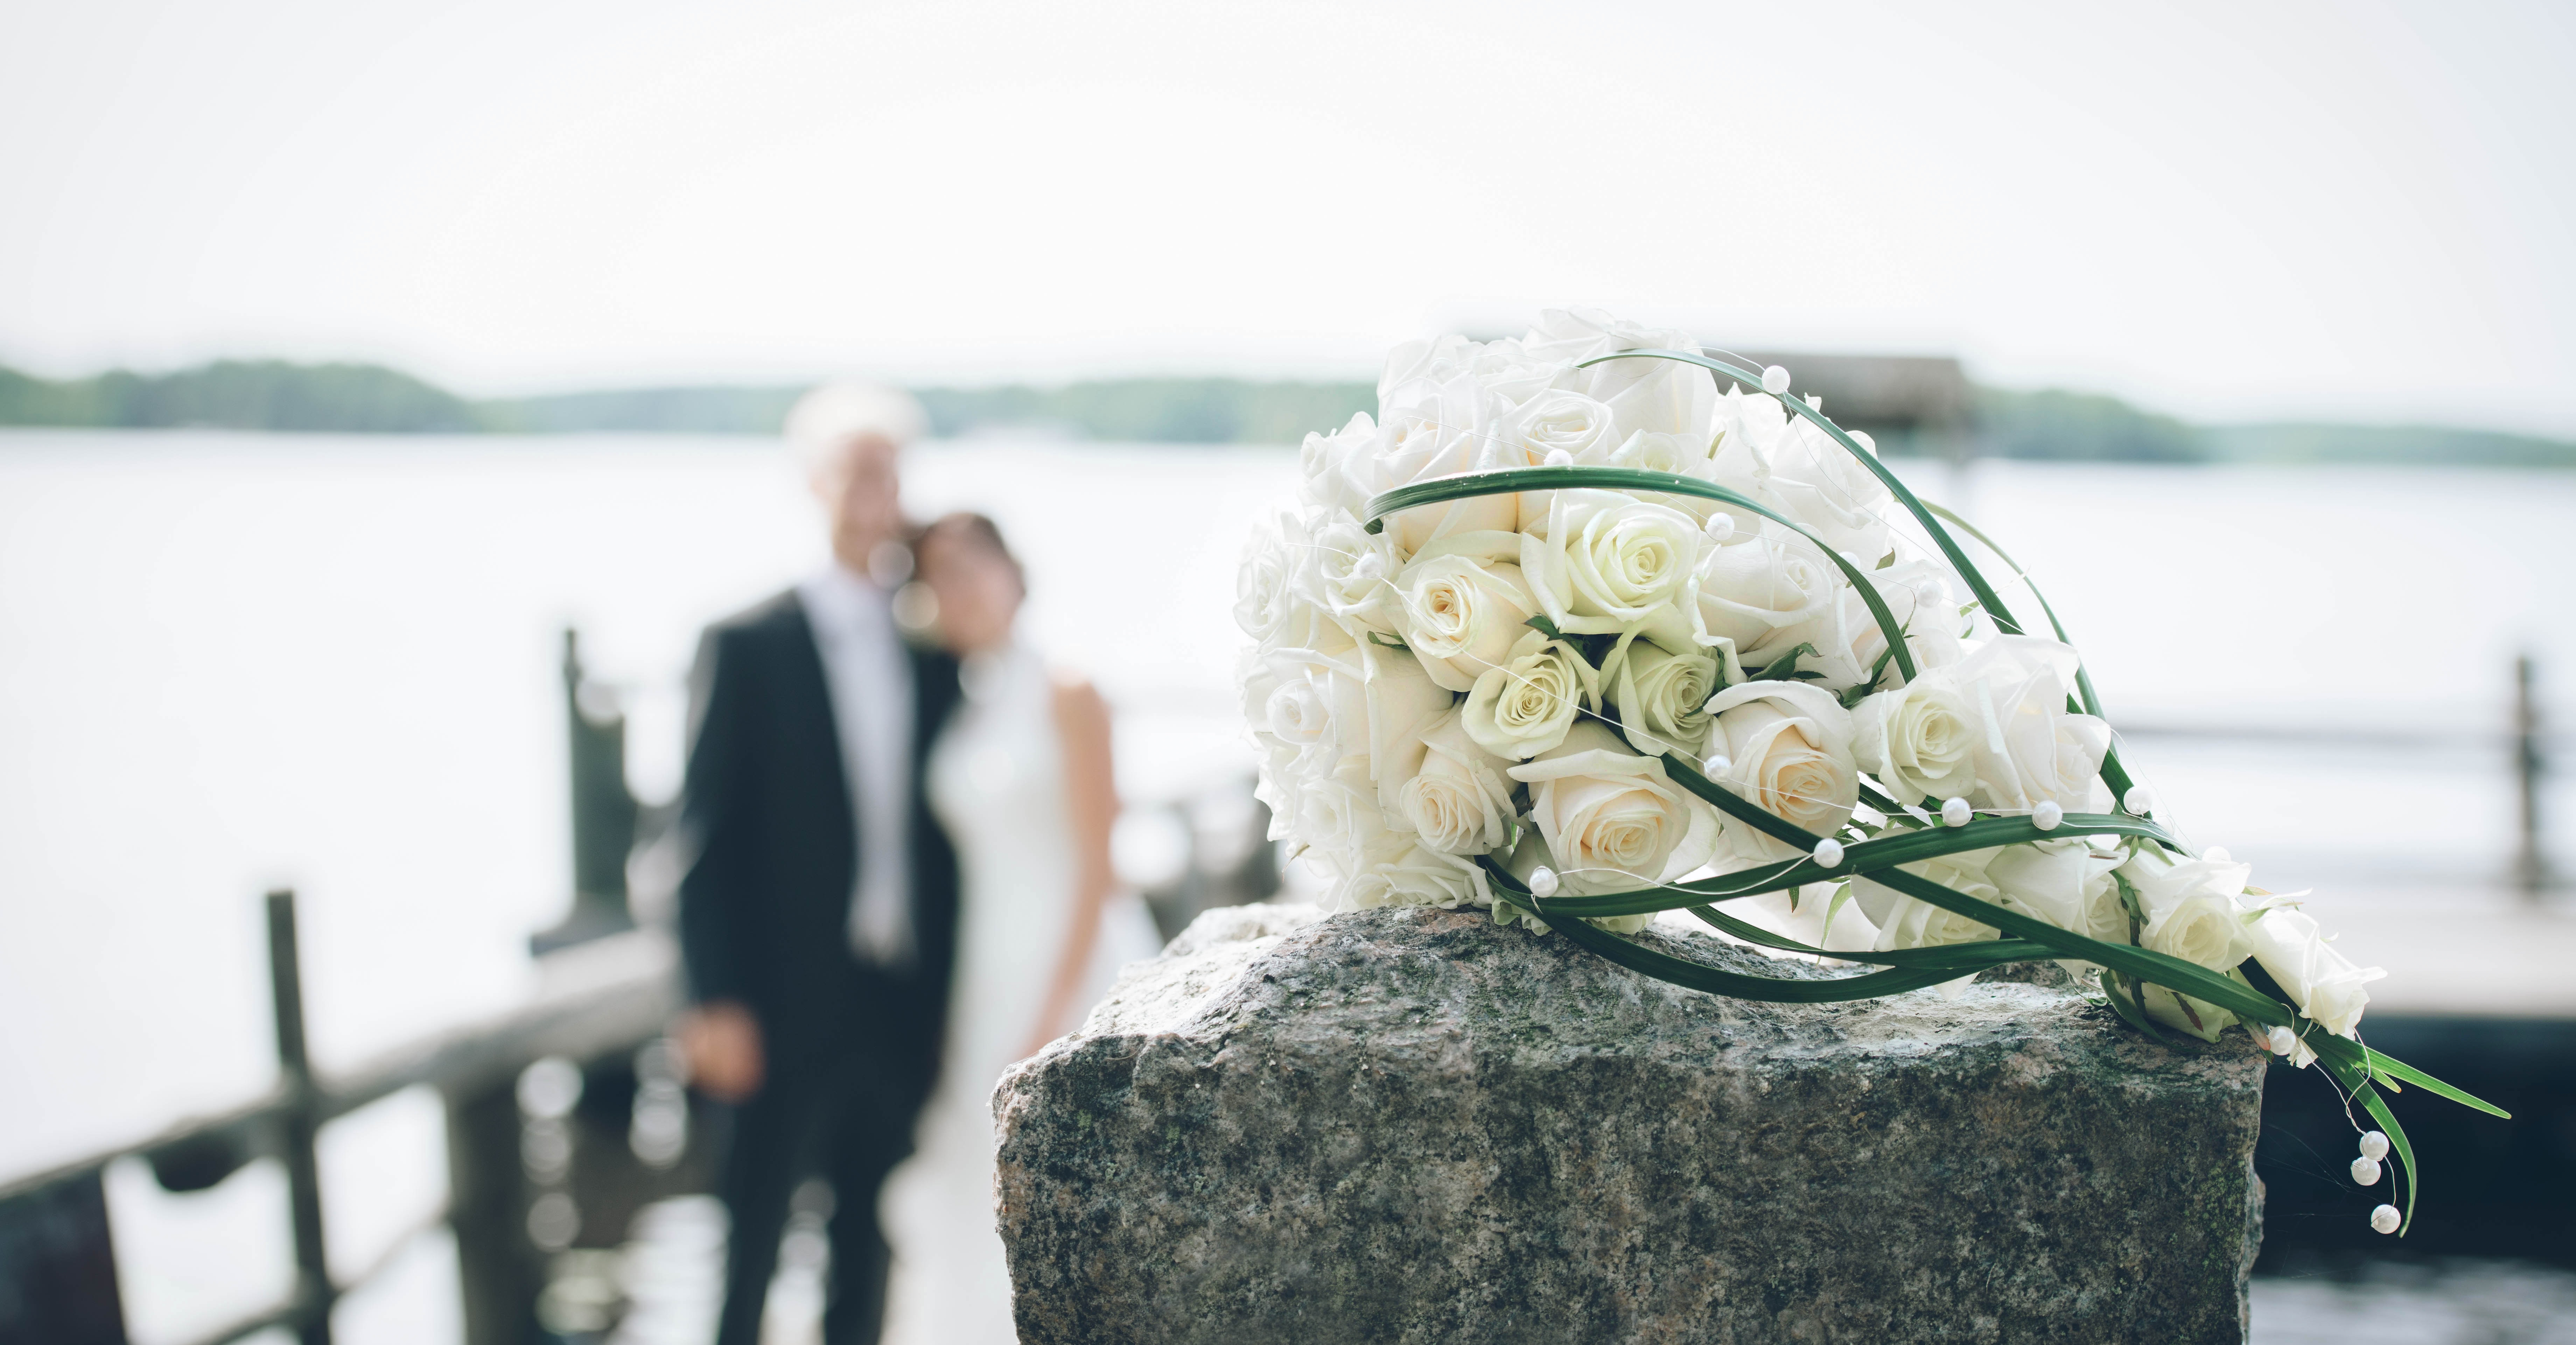 ca2a6df5df8a Checklista inför bröllopet - glöm inte detta!